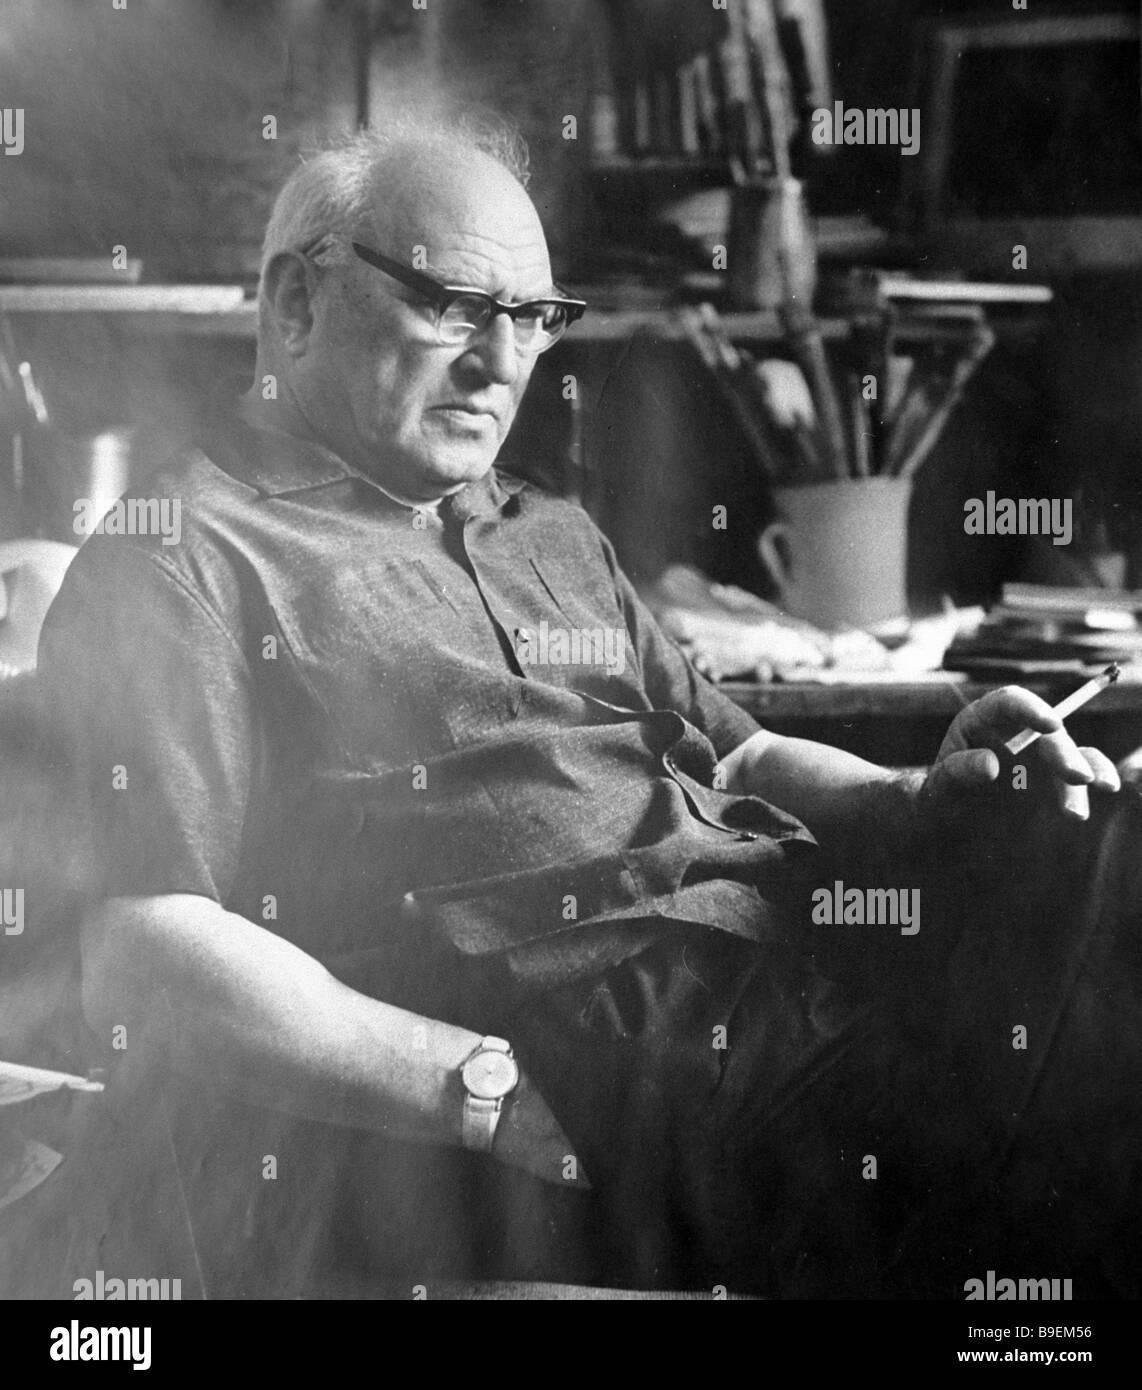 Pittore russo maestro di illustrazioni per libri Yevgeny Kibrik 1906 1978 Immagini Stock